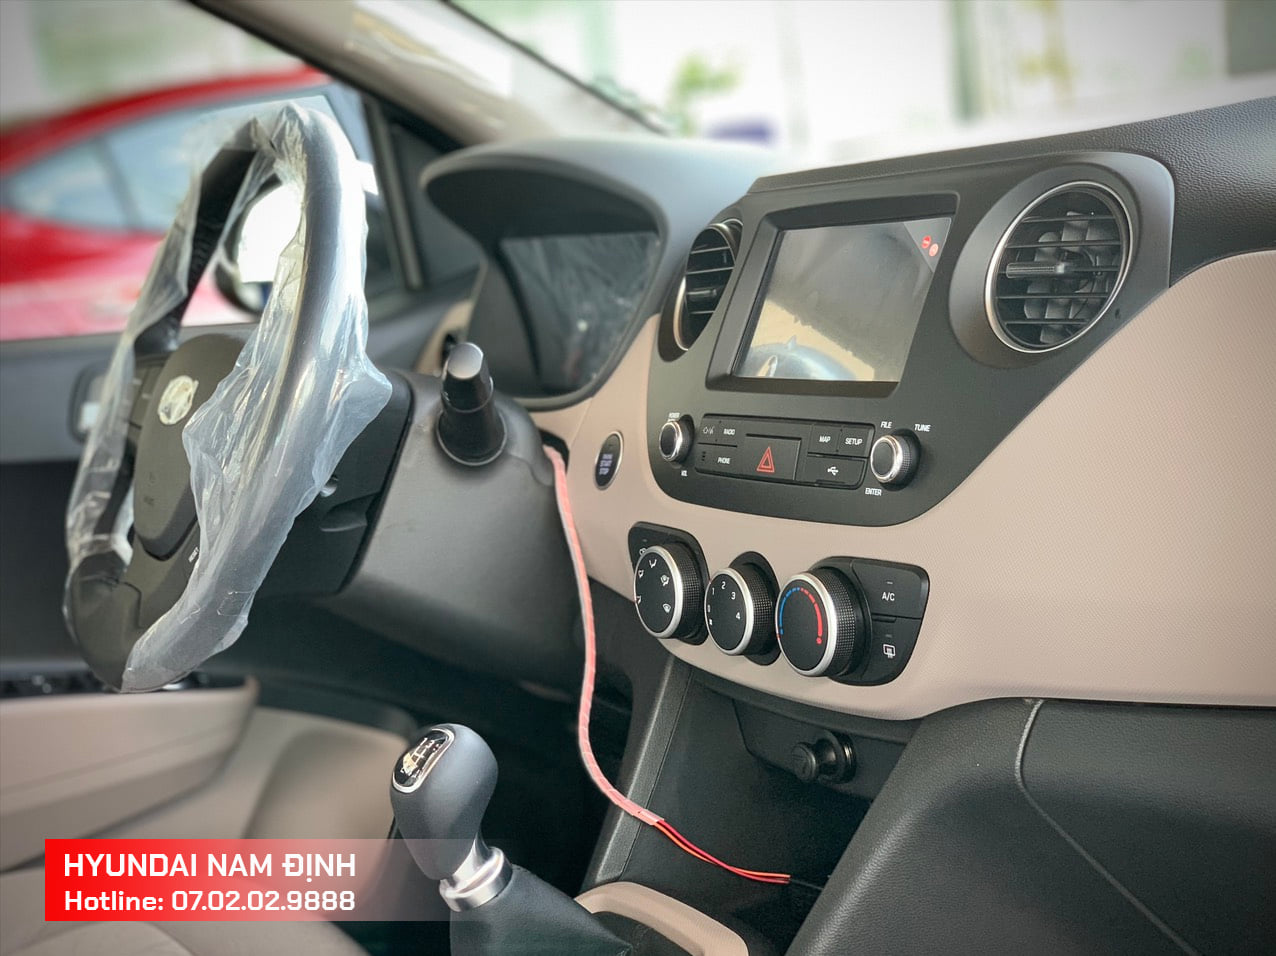 Nội thất tiện nghi của Hyundai Grand i10